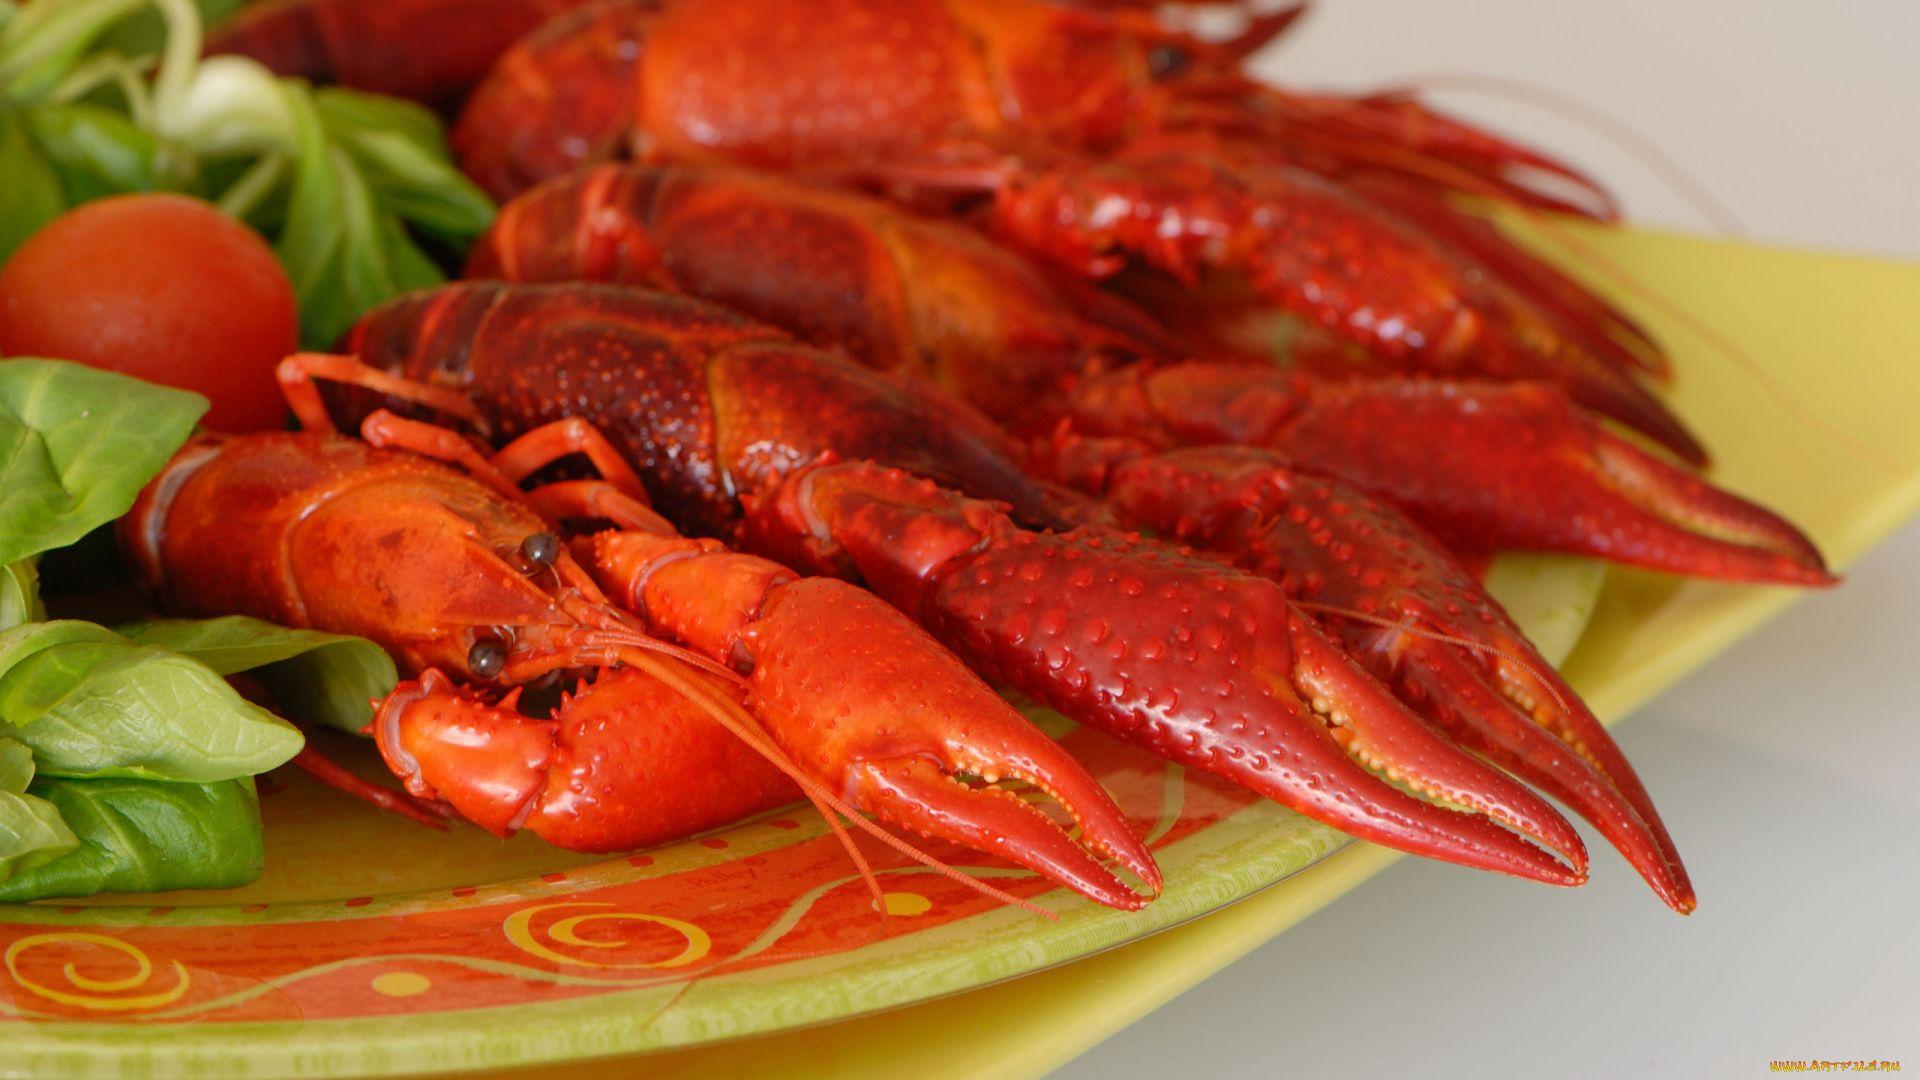 Lobster 1920x1080 wallpaper